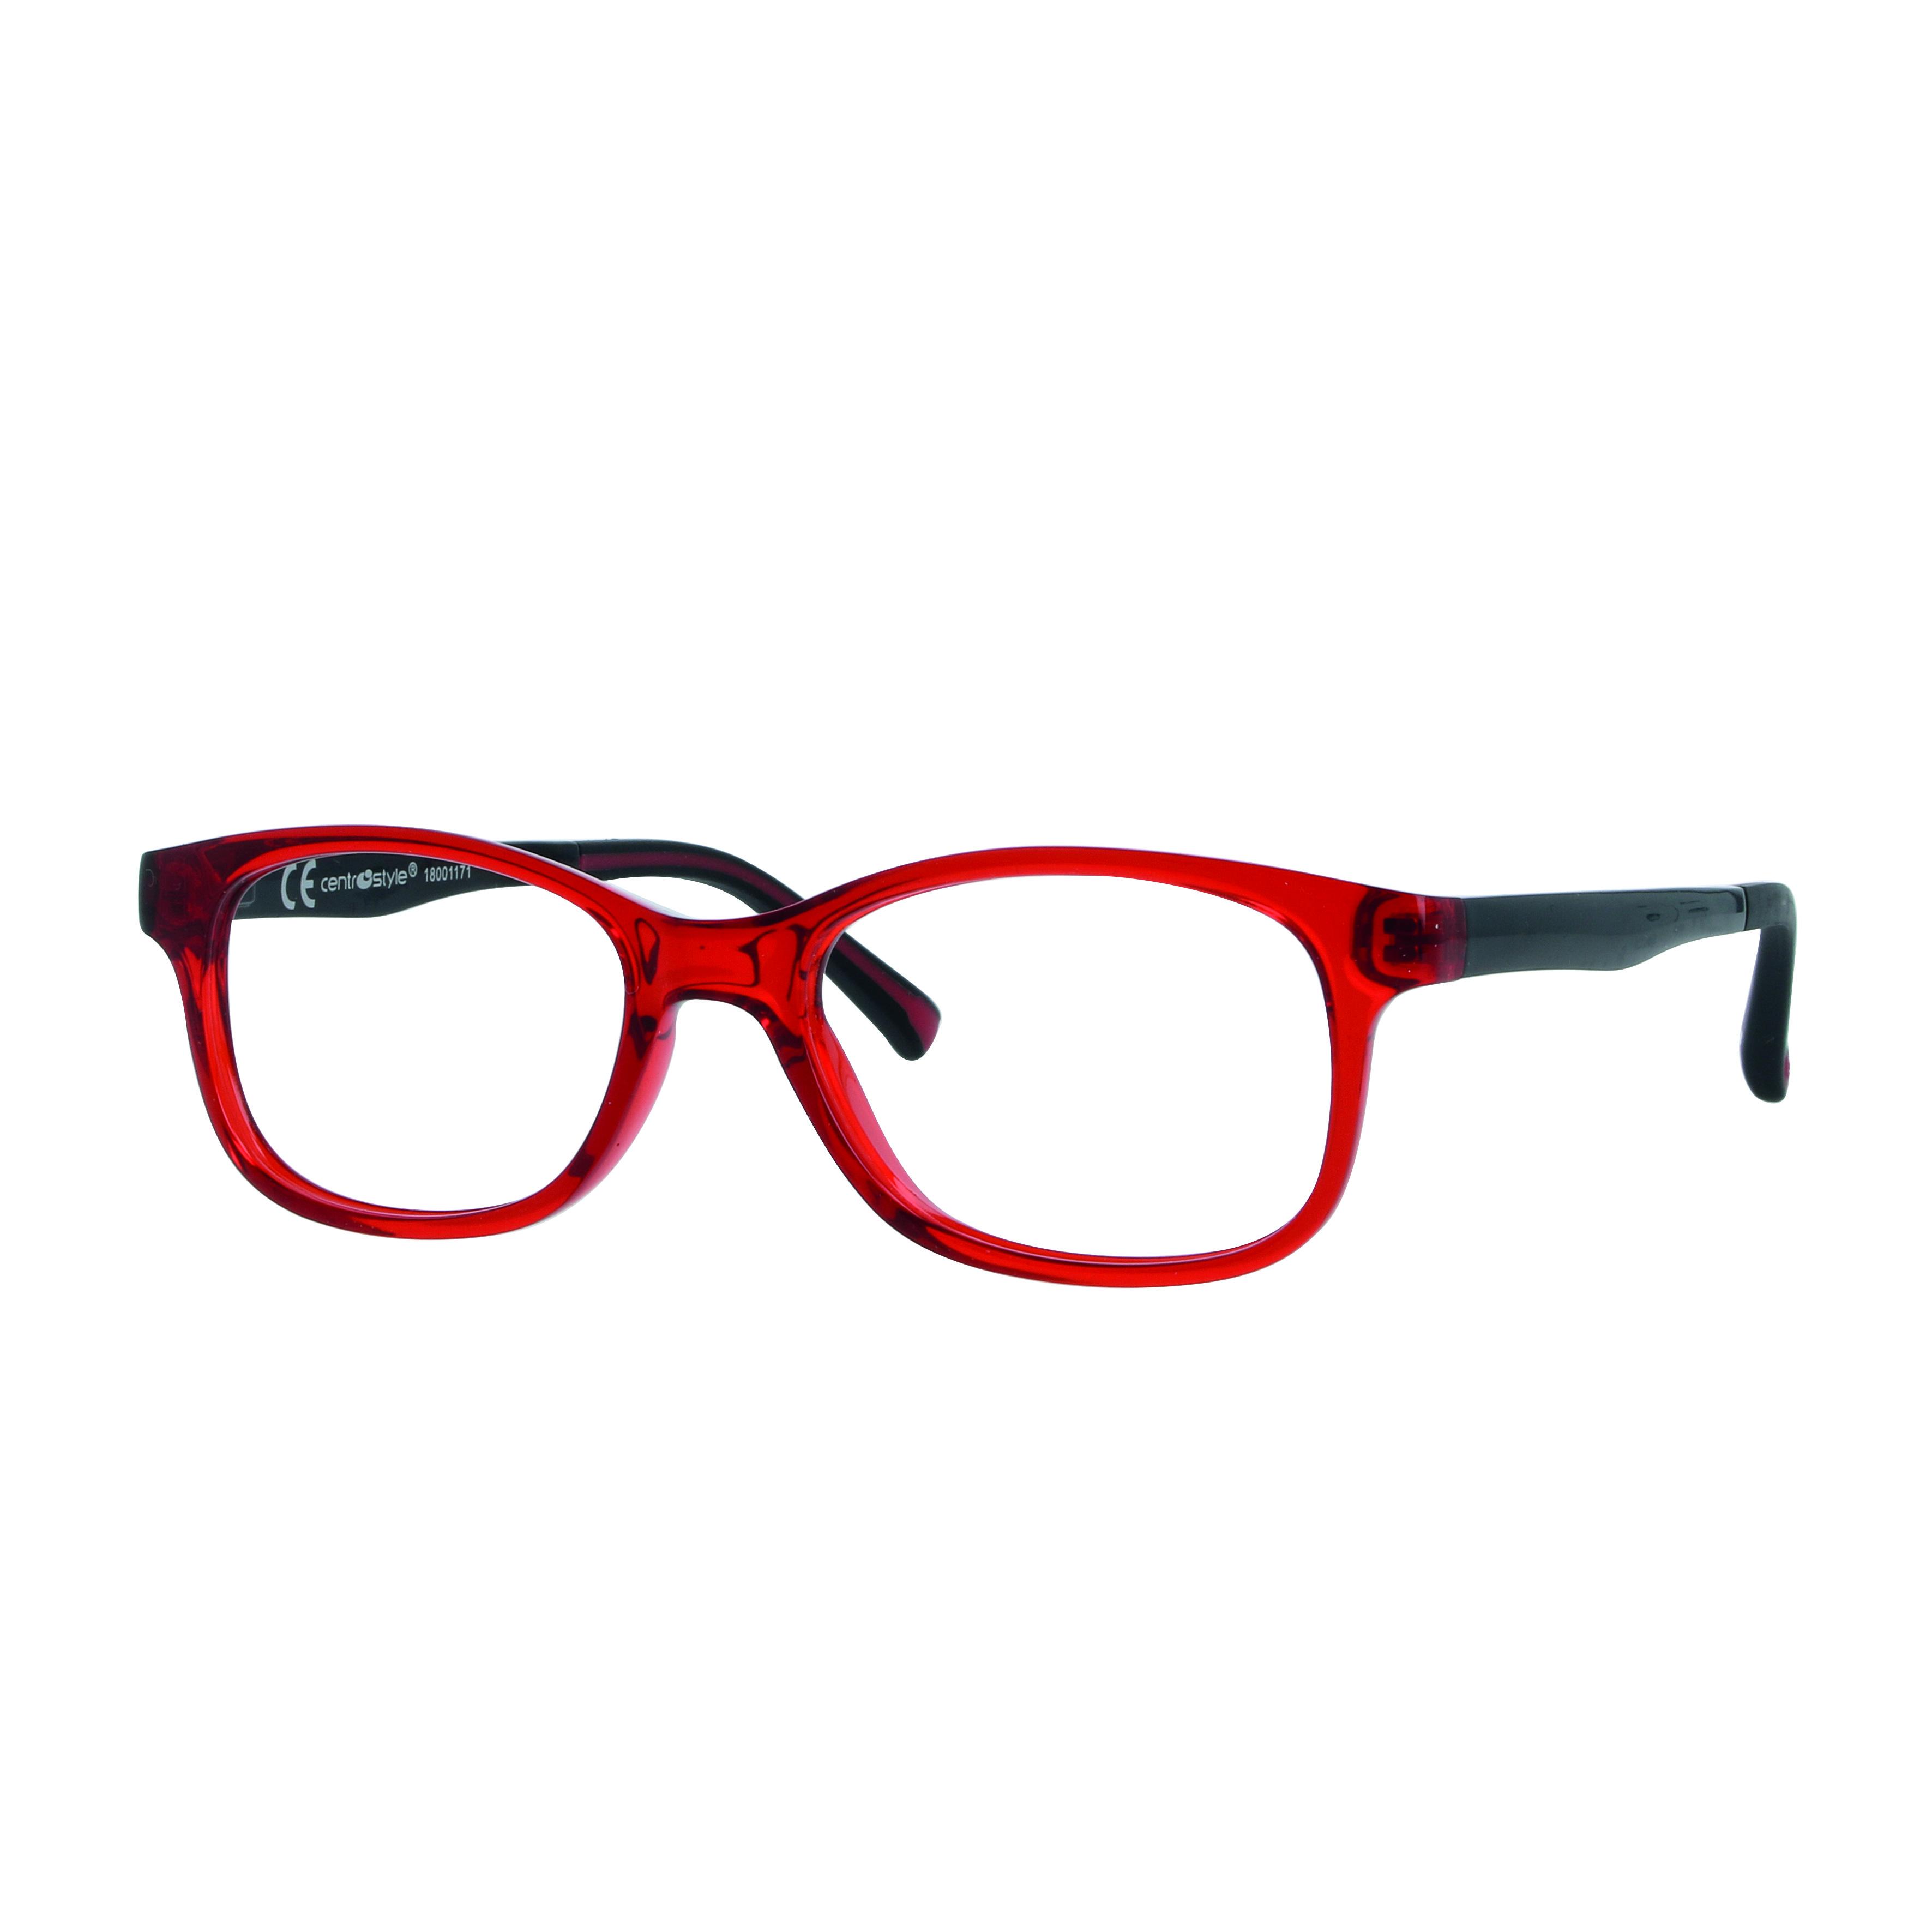 02F012946054000 - Armação Active Colours (5) 46x16 Vermelho/Preto Mod F012946054000 - Contém 1 Peça